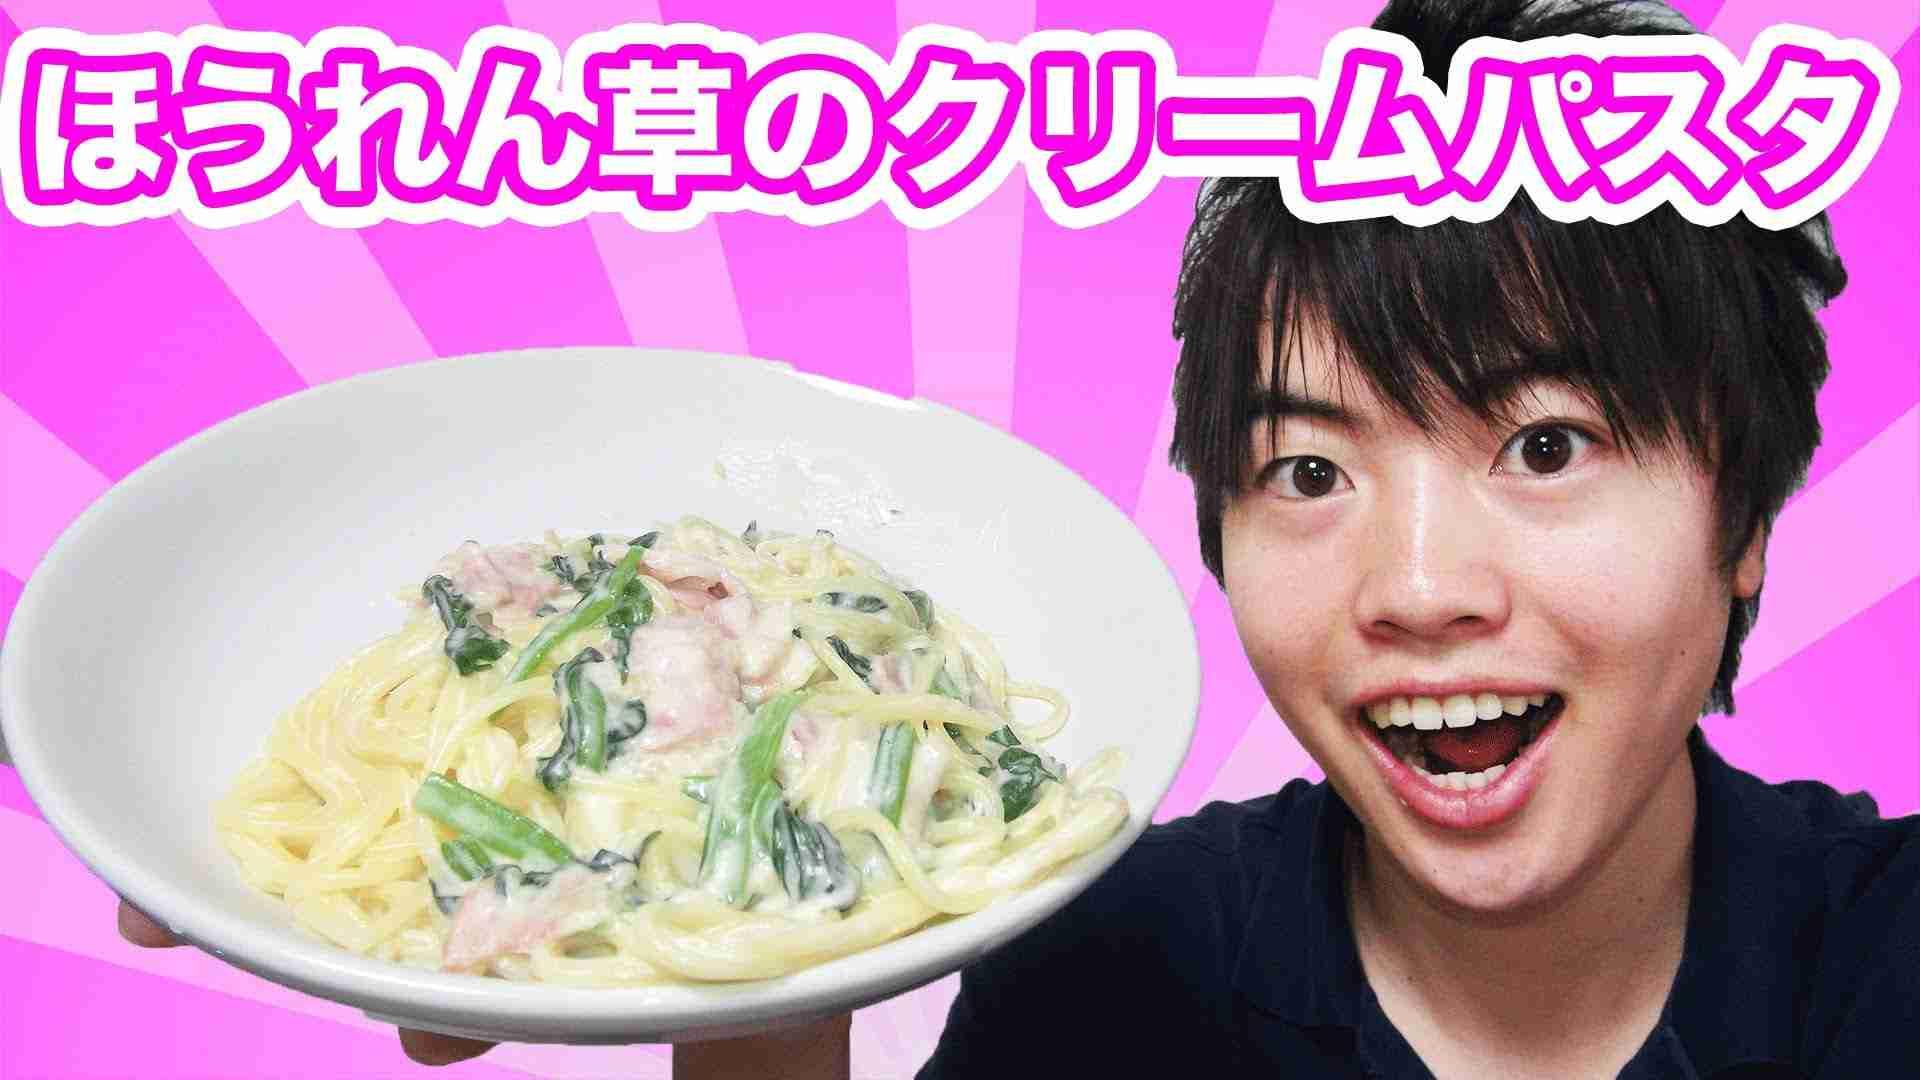 【超簡単】本当においしいほうれん草のクリームパスタを作ってみた! - YouTube